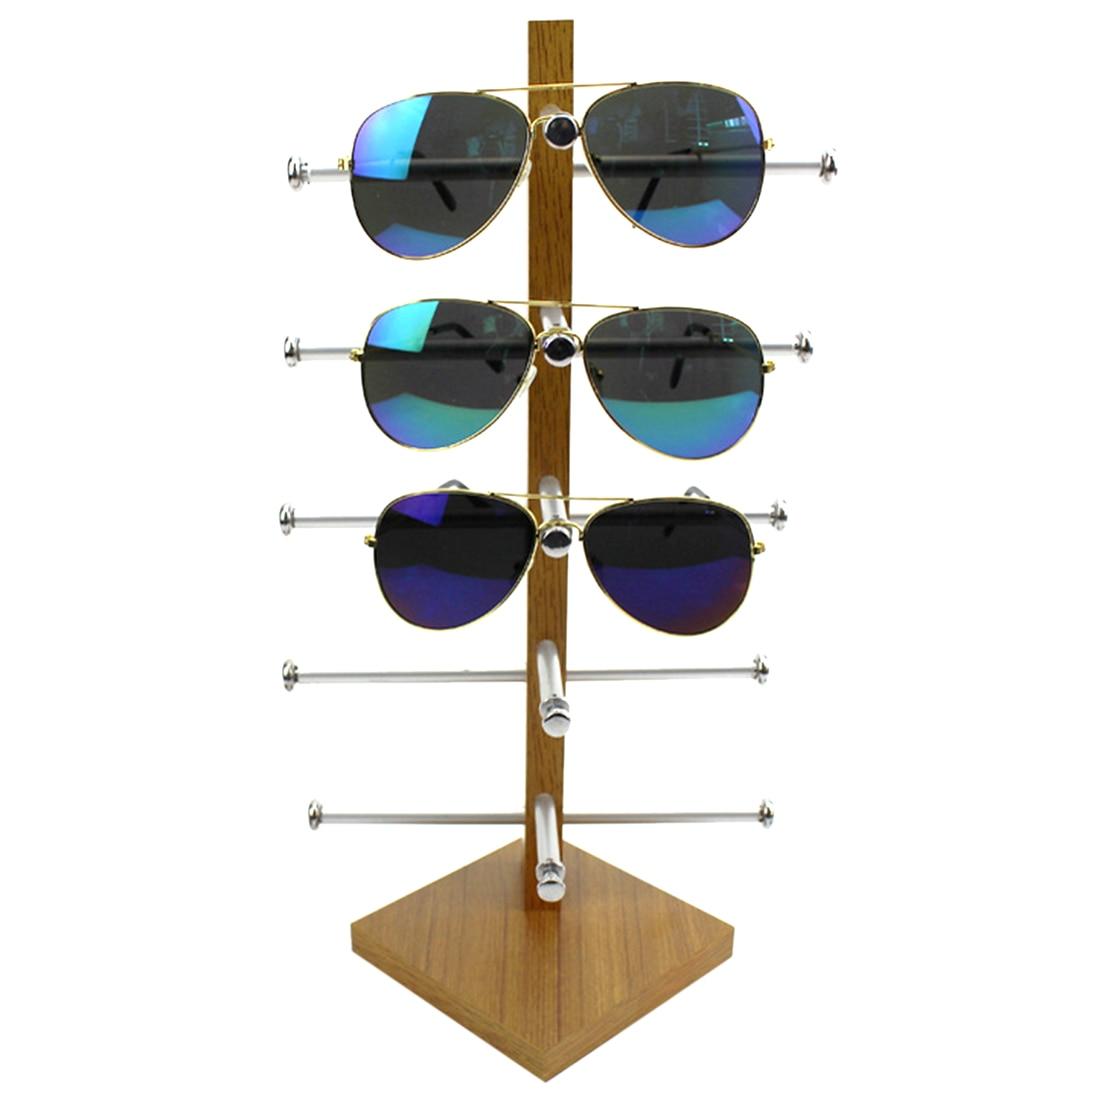 HypSTEEN משקפי עץ מעשיים לתצוגה ארון - אחסון הבית וארגון